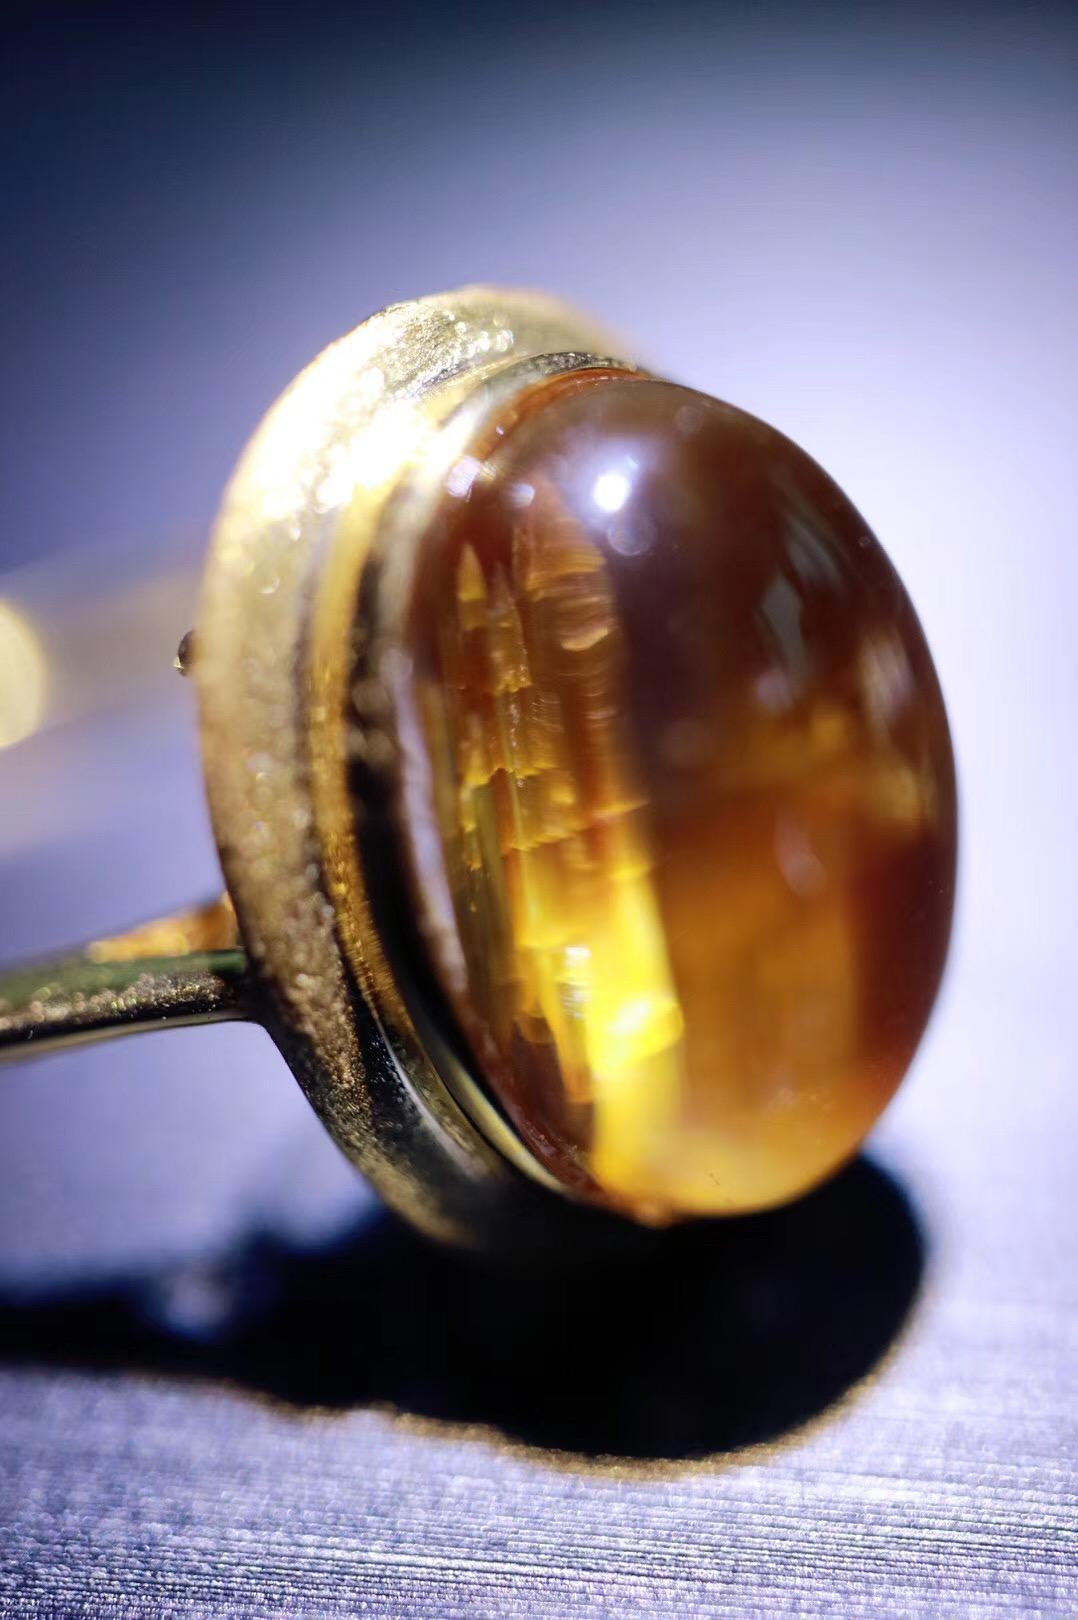 【菩心收藏级钛晶💍 | 18k】增强行动力与气场,晶体干净,板钛,收藏级-菩心晶舍